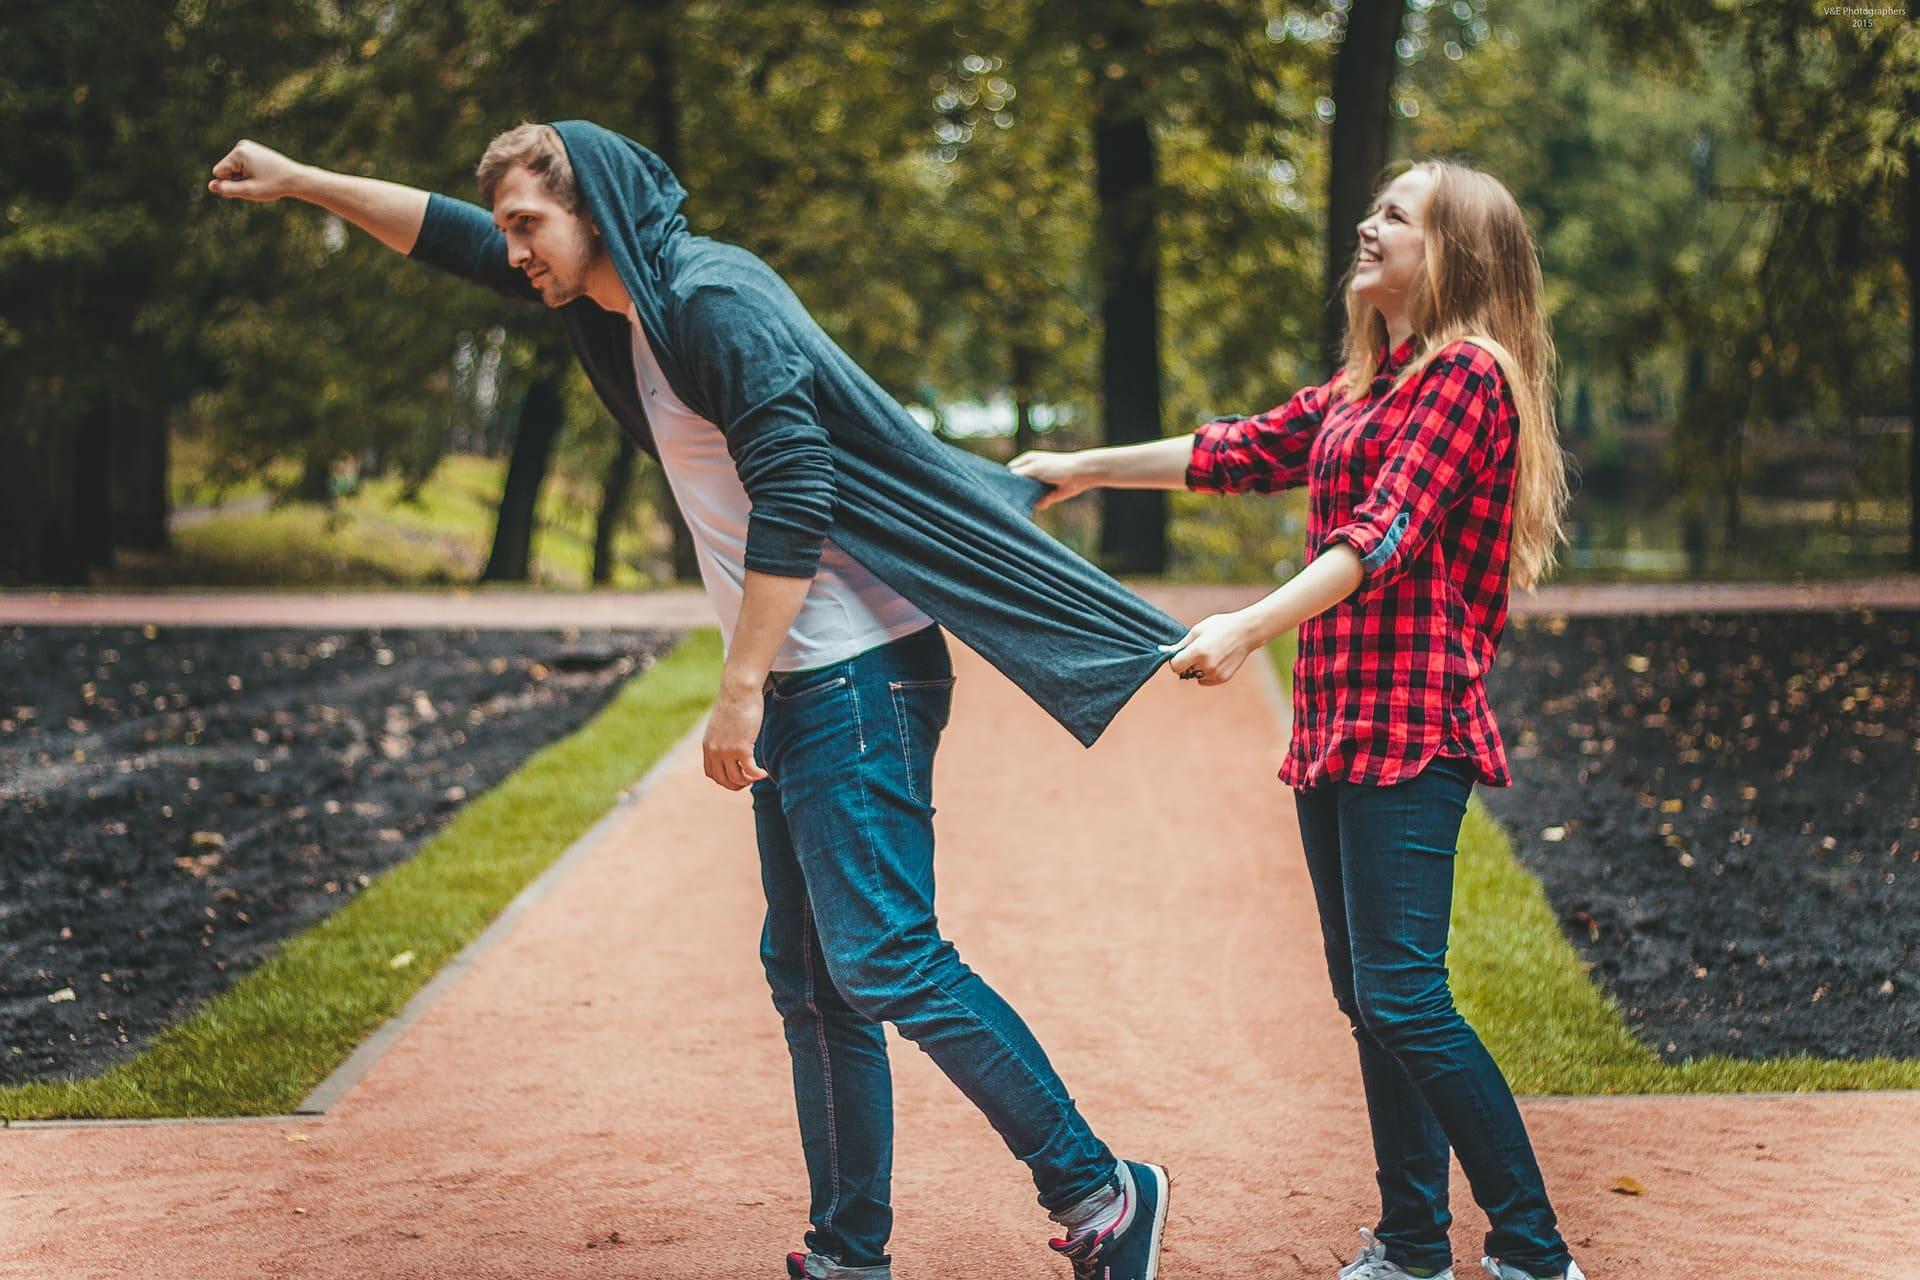 что такое френдзона у девушек и парней в отношениях